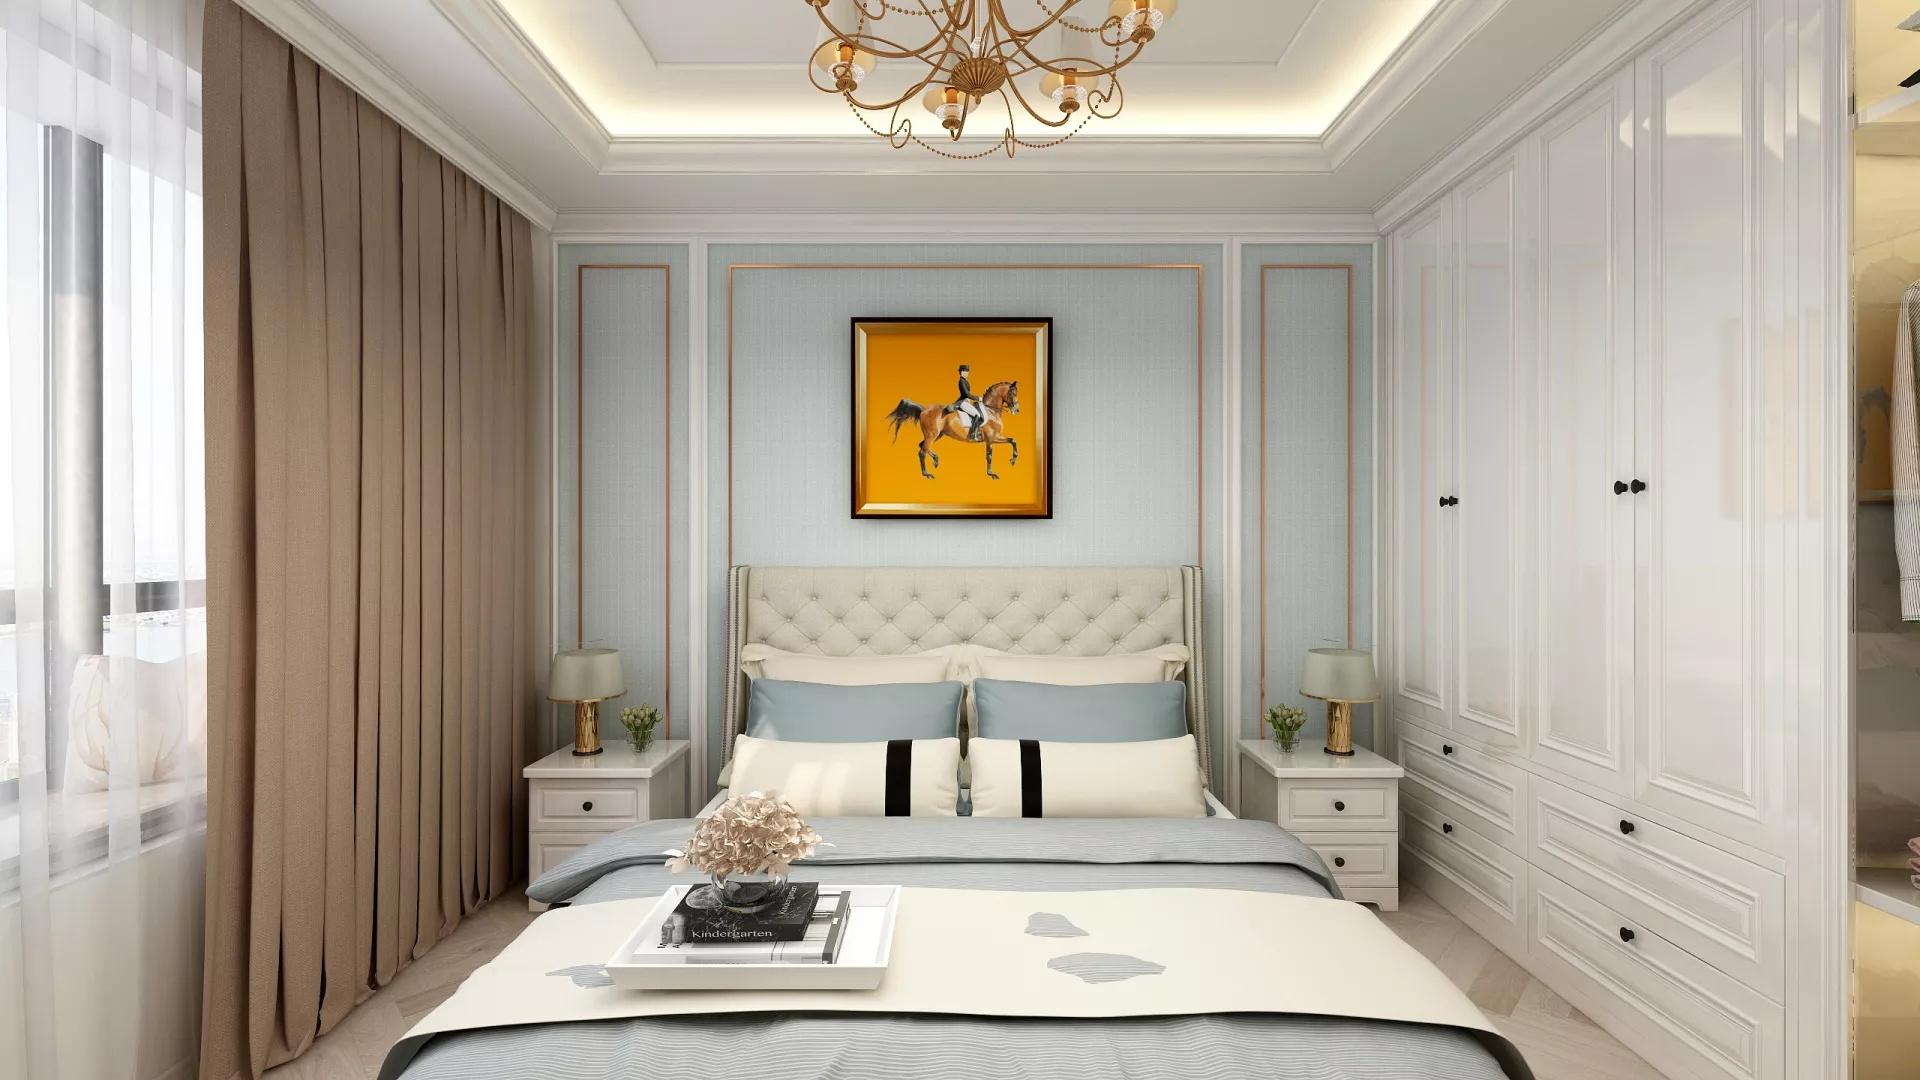 掛鉤式窗簾怎么安裝?掛鉤式窗簾安裝方法